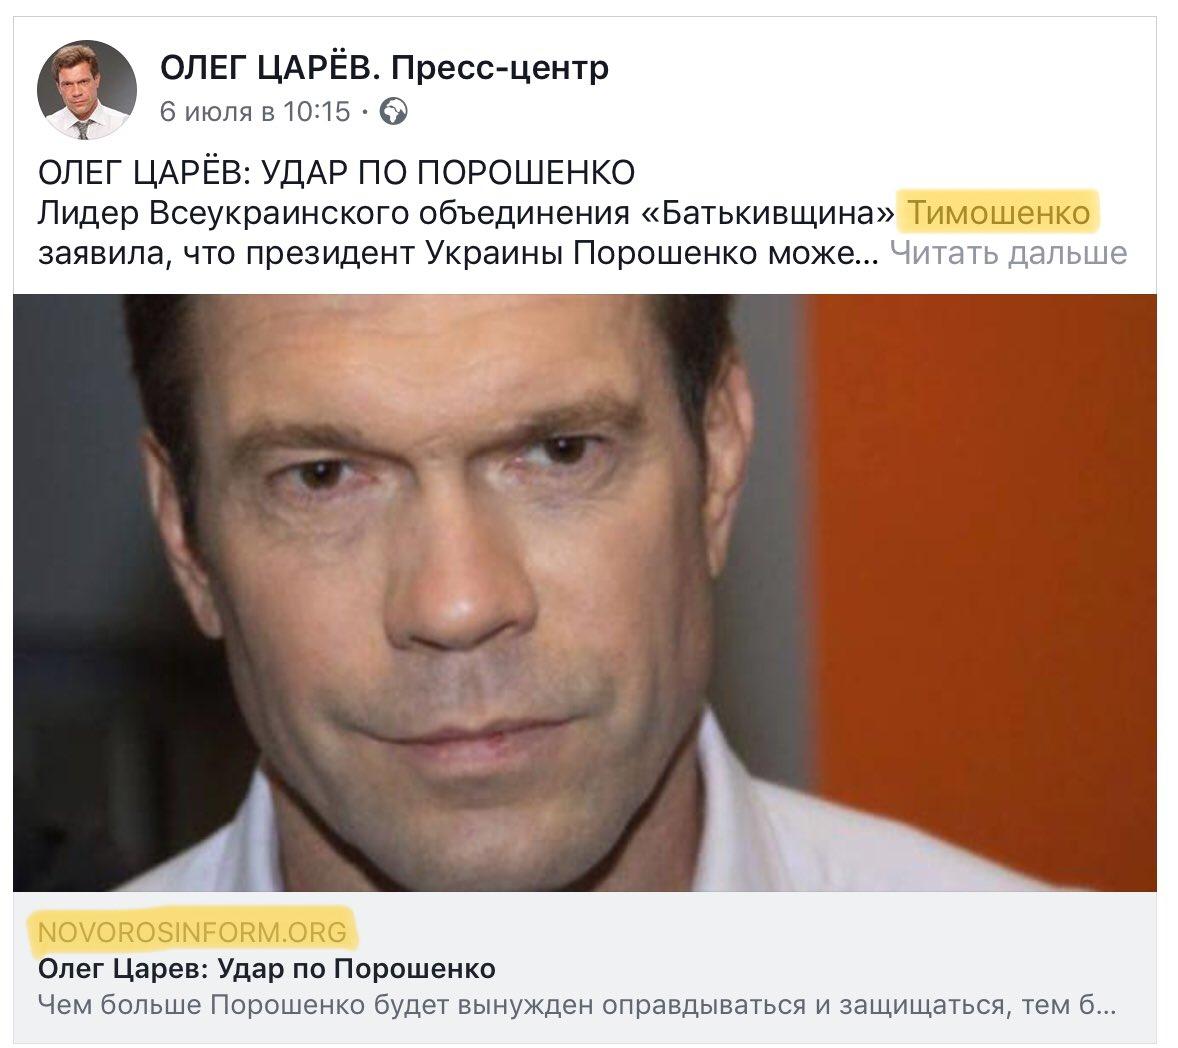 На Майдані Незалежності в Києві відбулася акція на підтримку Сенцова - Цензор.НЕТ 9112